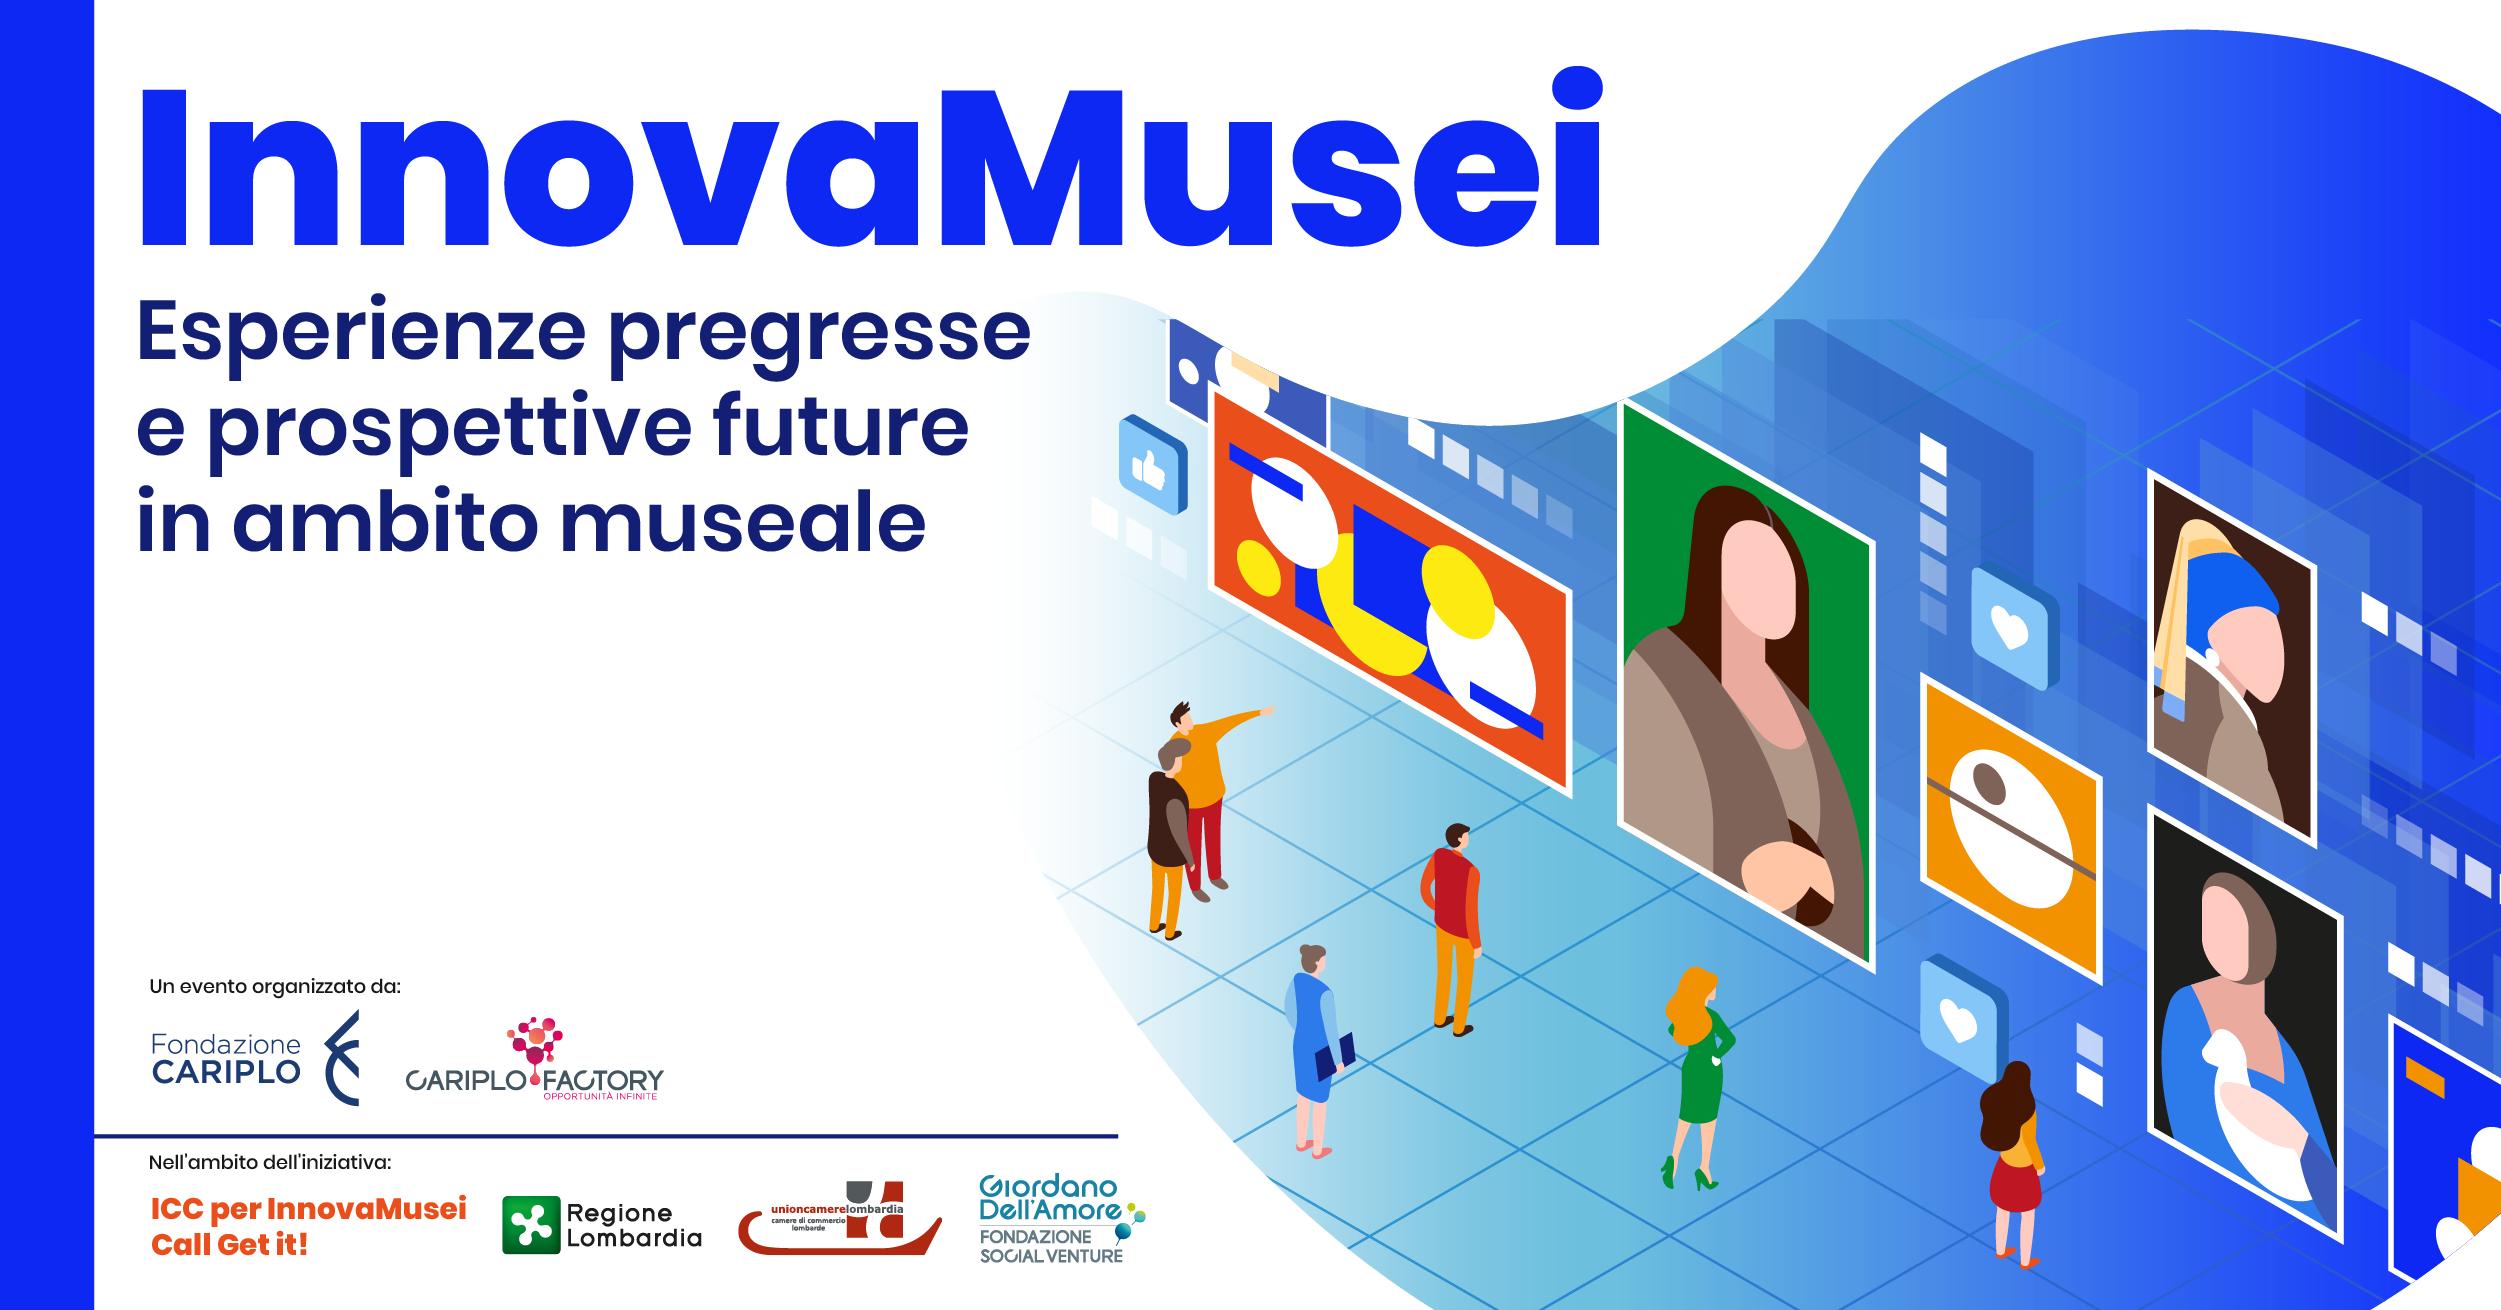 InnovaMusei Live: esperienze e prospettive in ambito museale